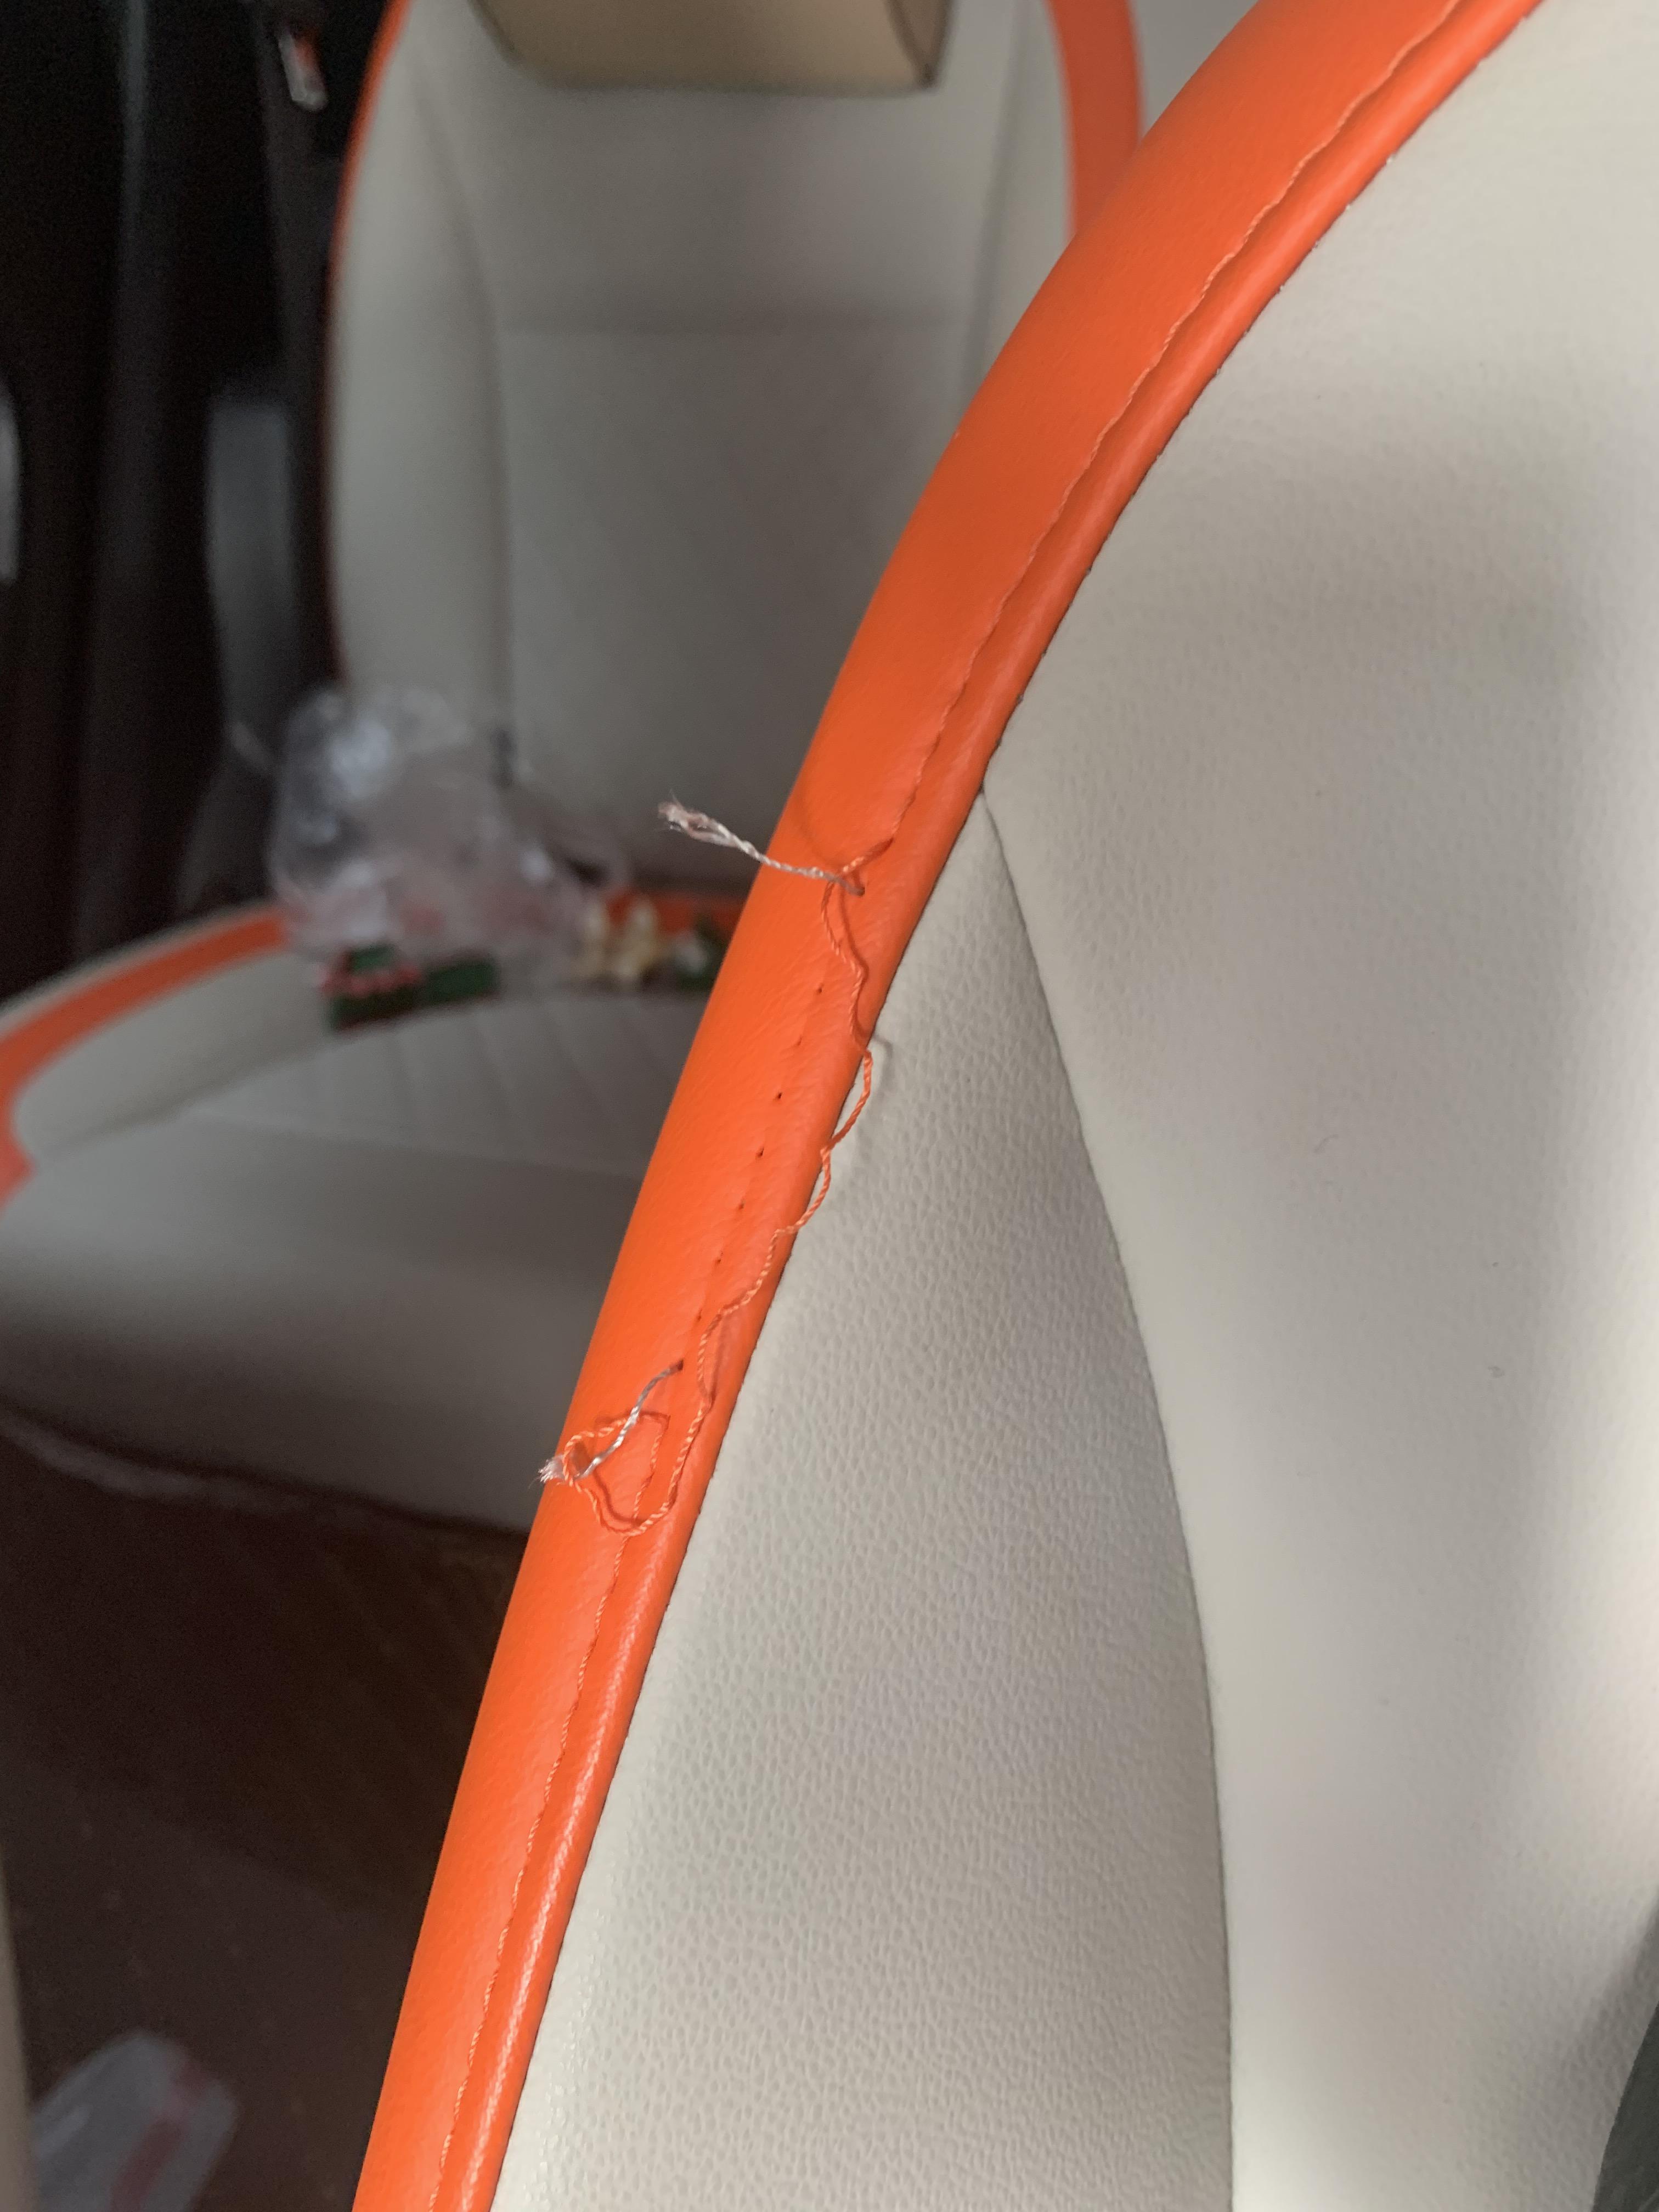 歐拉-歐拉R1 高配選裝座椅內部縫線斷裂,導致座椅縫線開裂